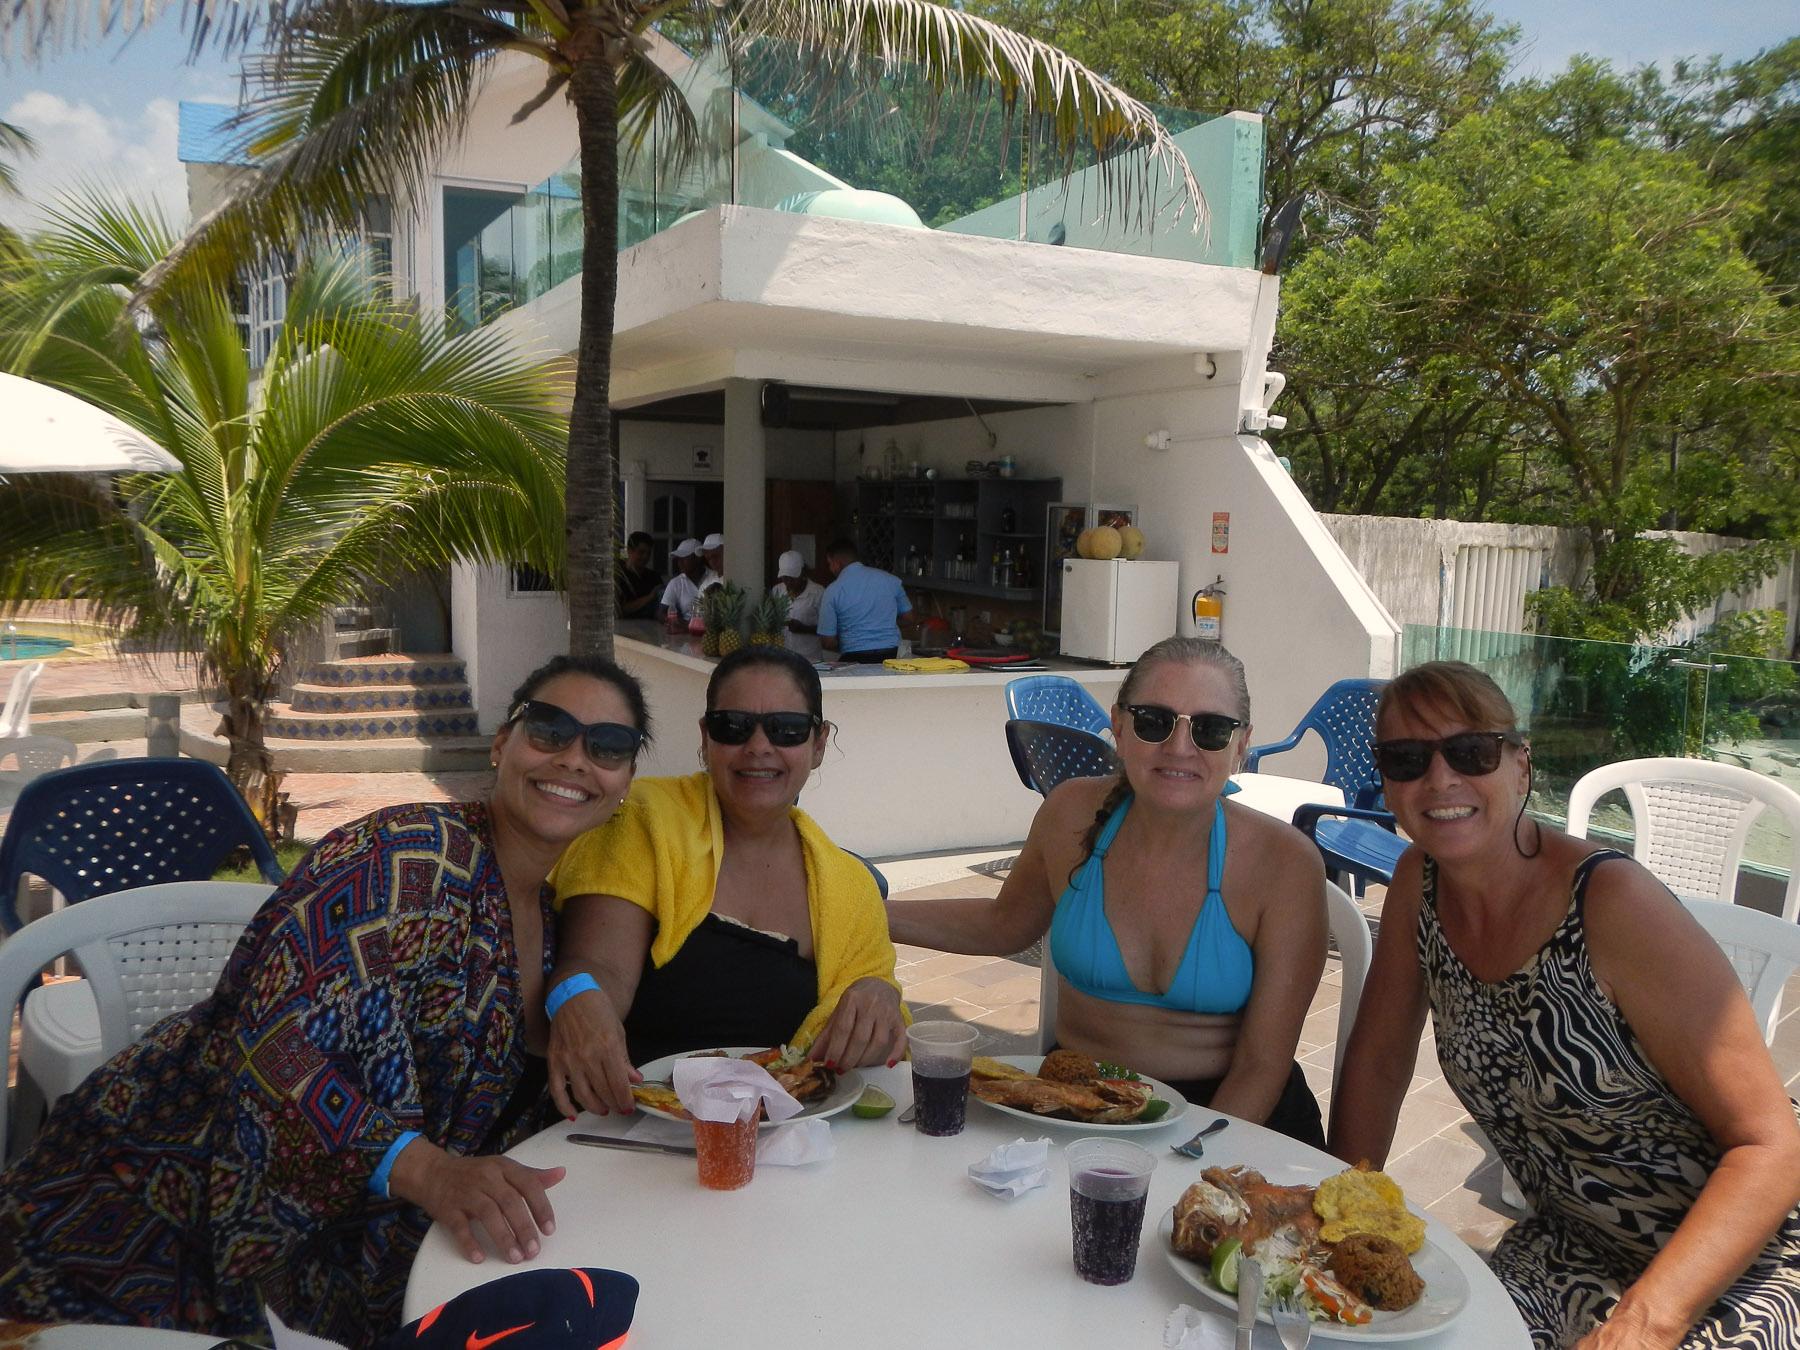 Fischessen in einem schicken Hotel auf der Insel vor Cartagena